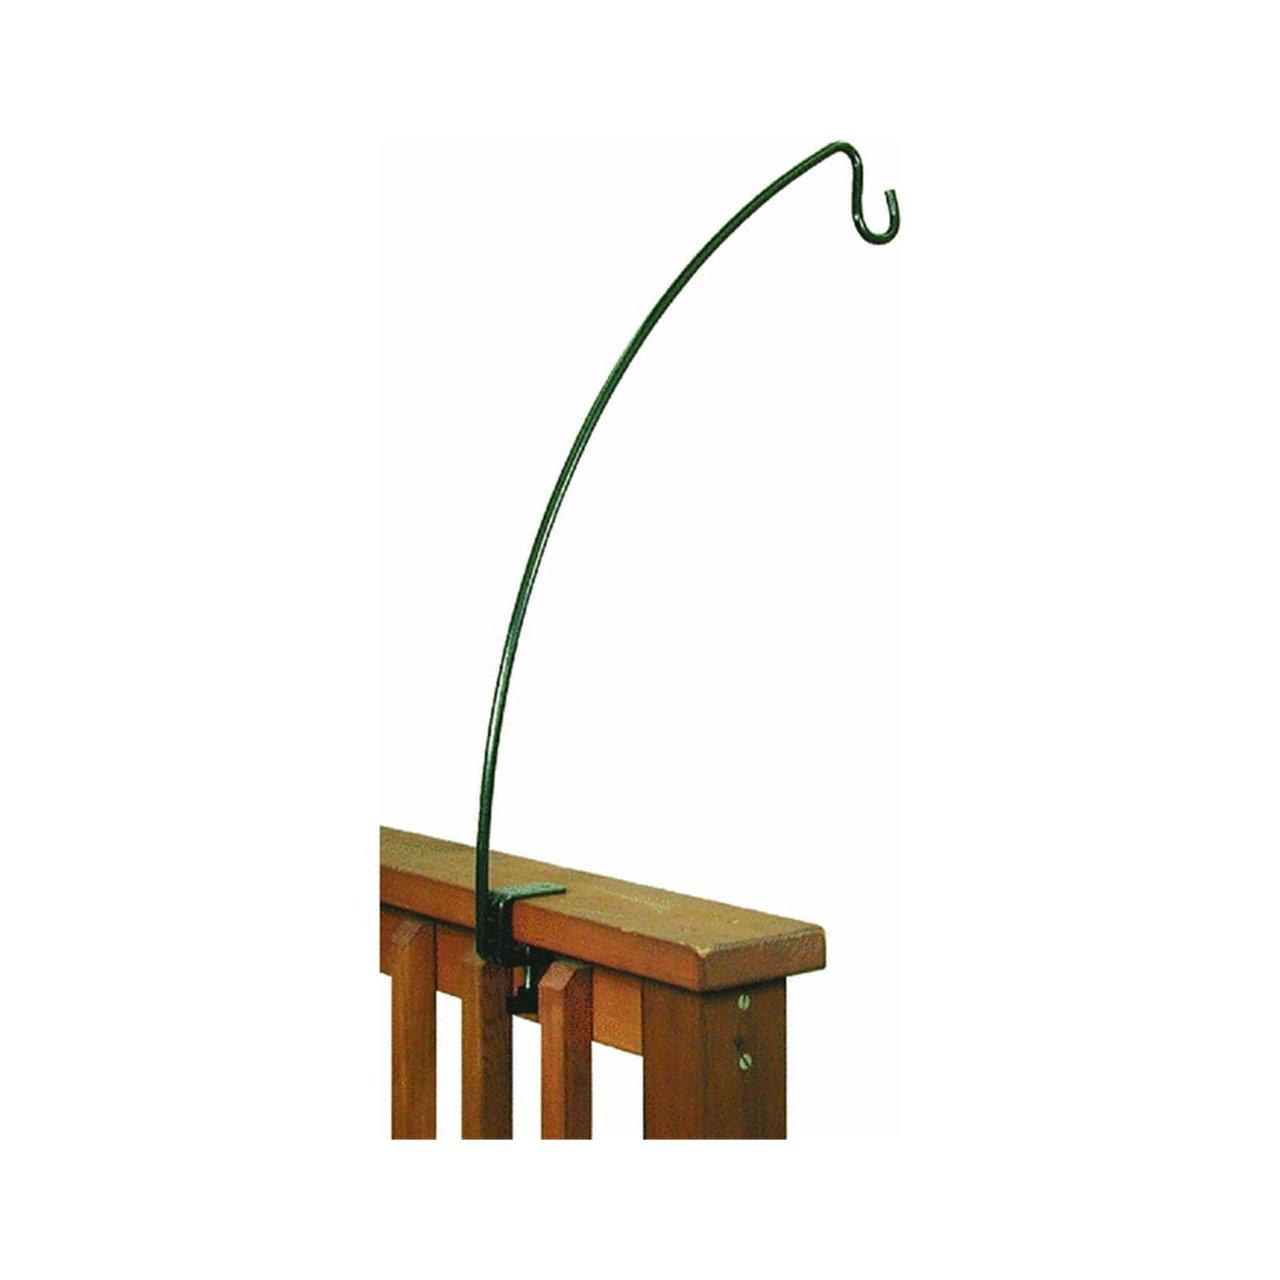 on humming clamp decks pin shephard bird hooks for iron vtg hangers feeder deck plant feeders